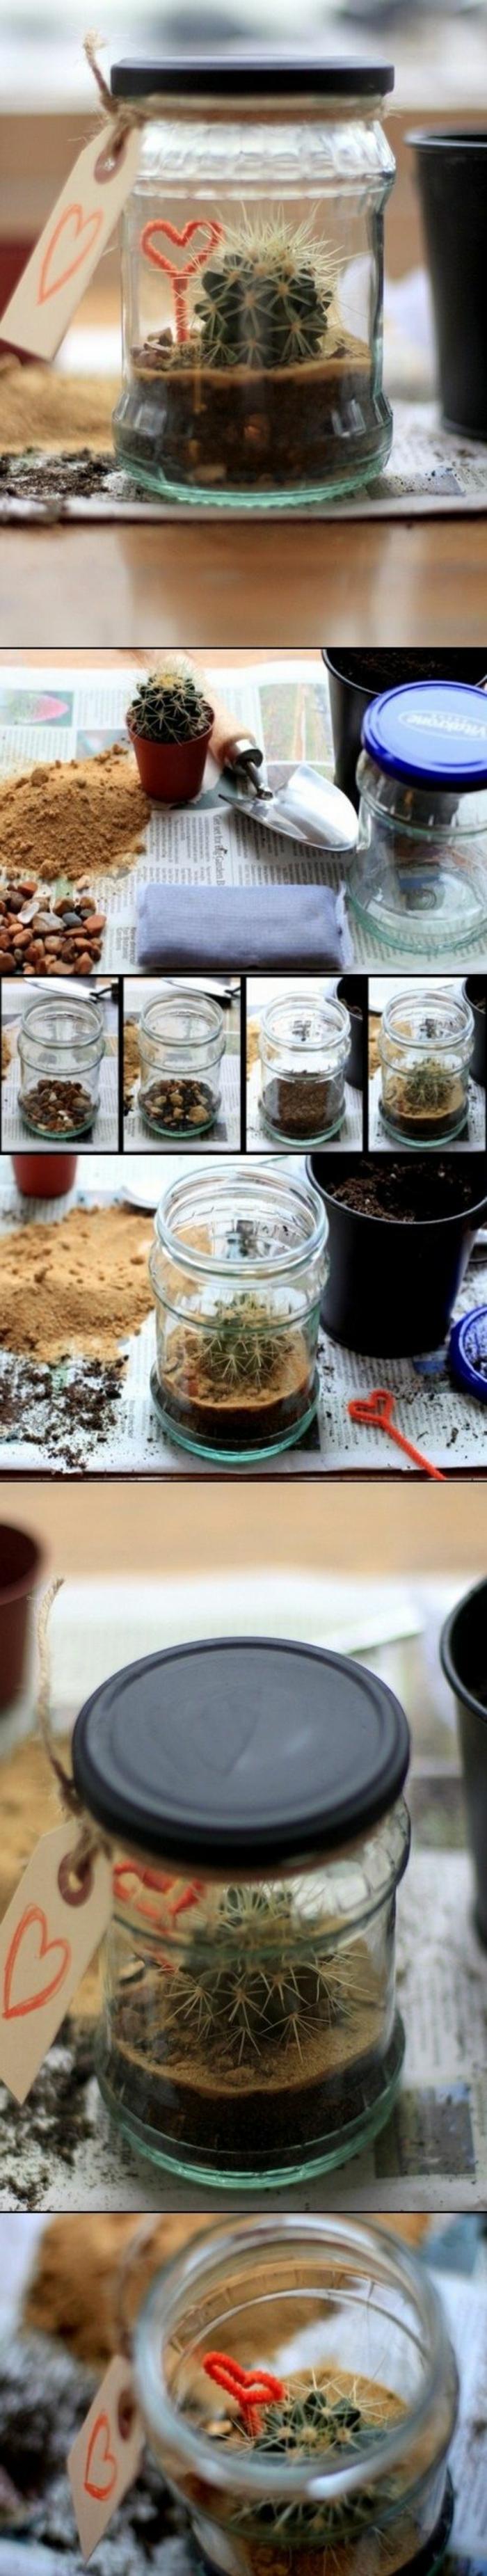 regalos-hechos-a-mano-cactus-en-tarro-fácil-de-hacer-idea-interesante